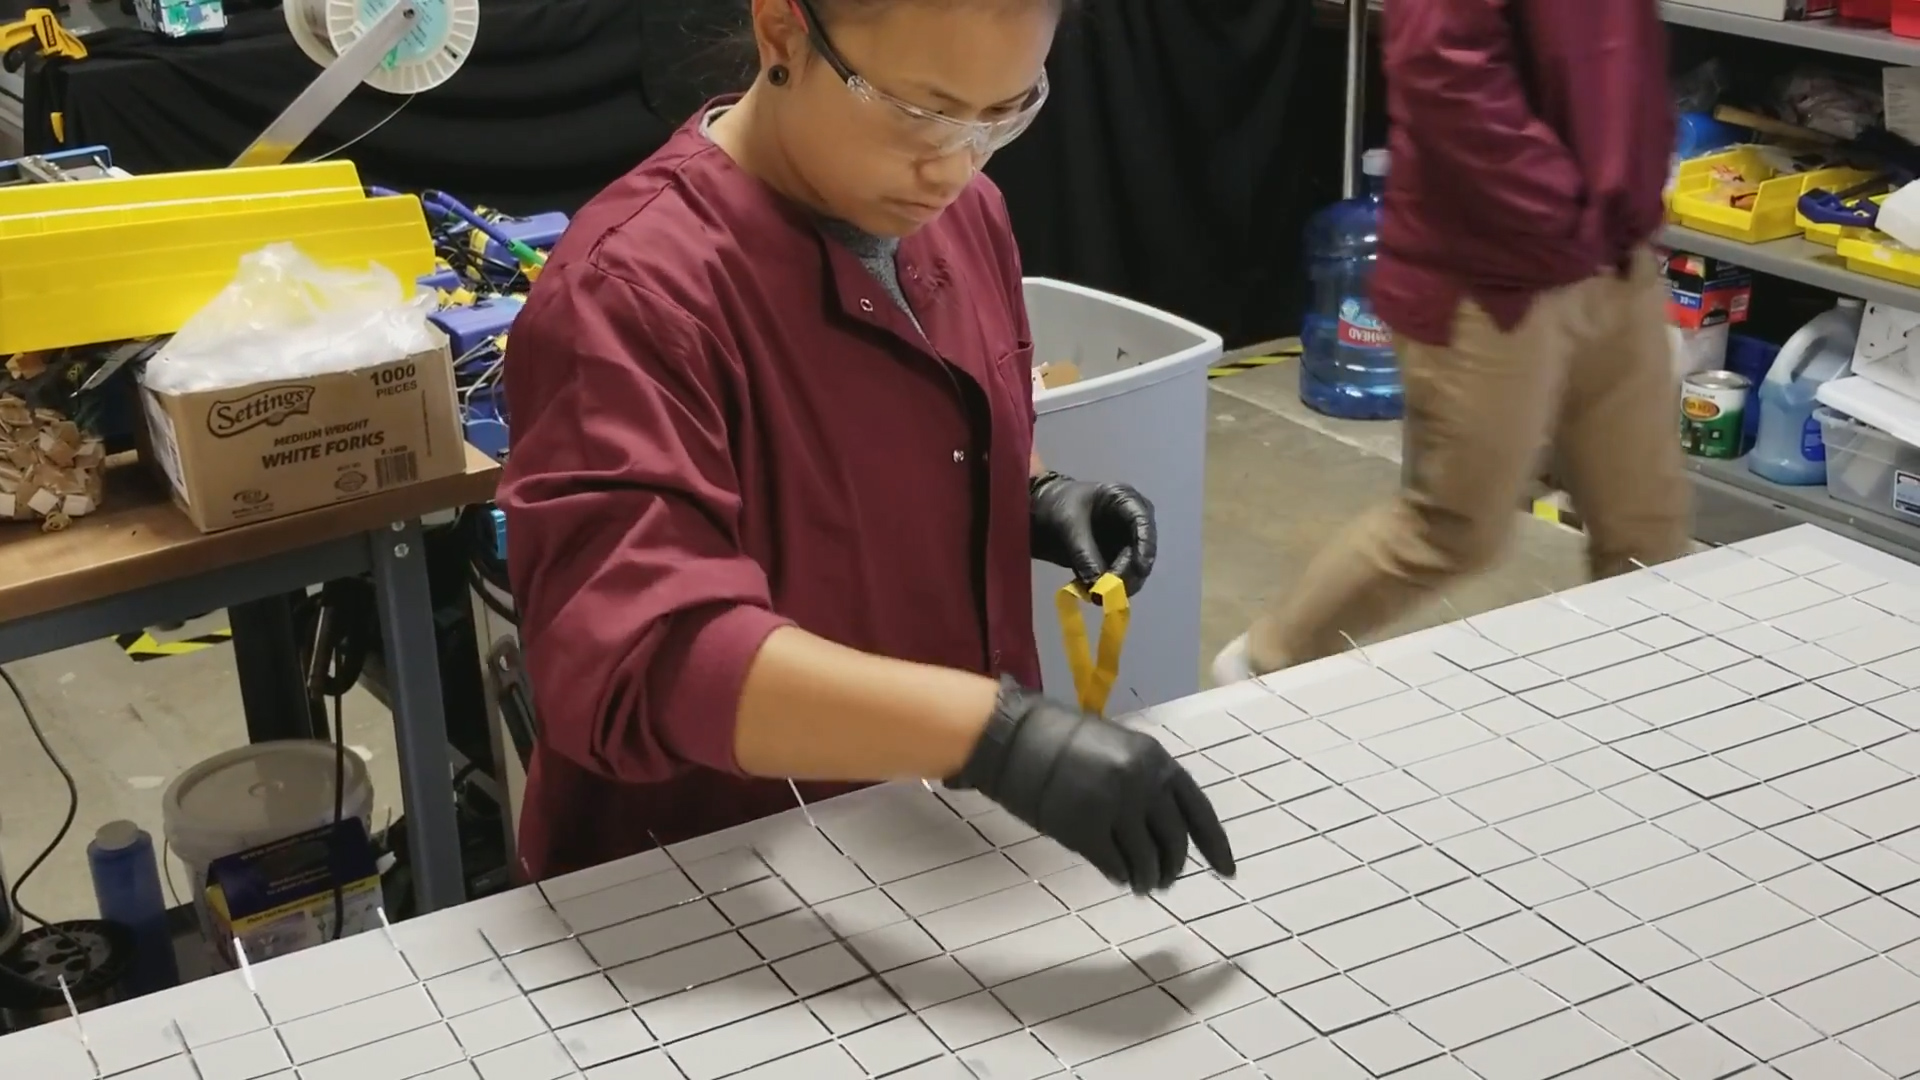 A CHERP employee assembling solar panels.